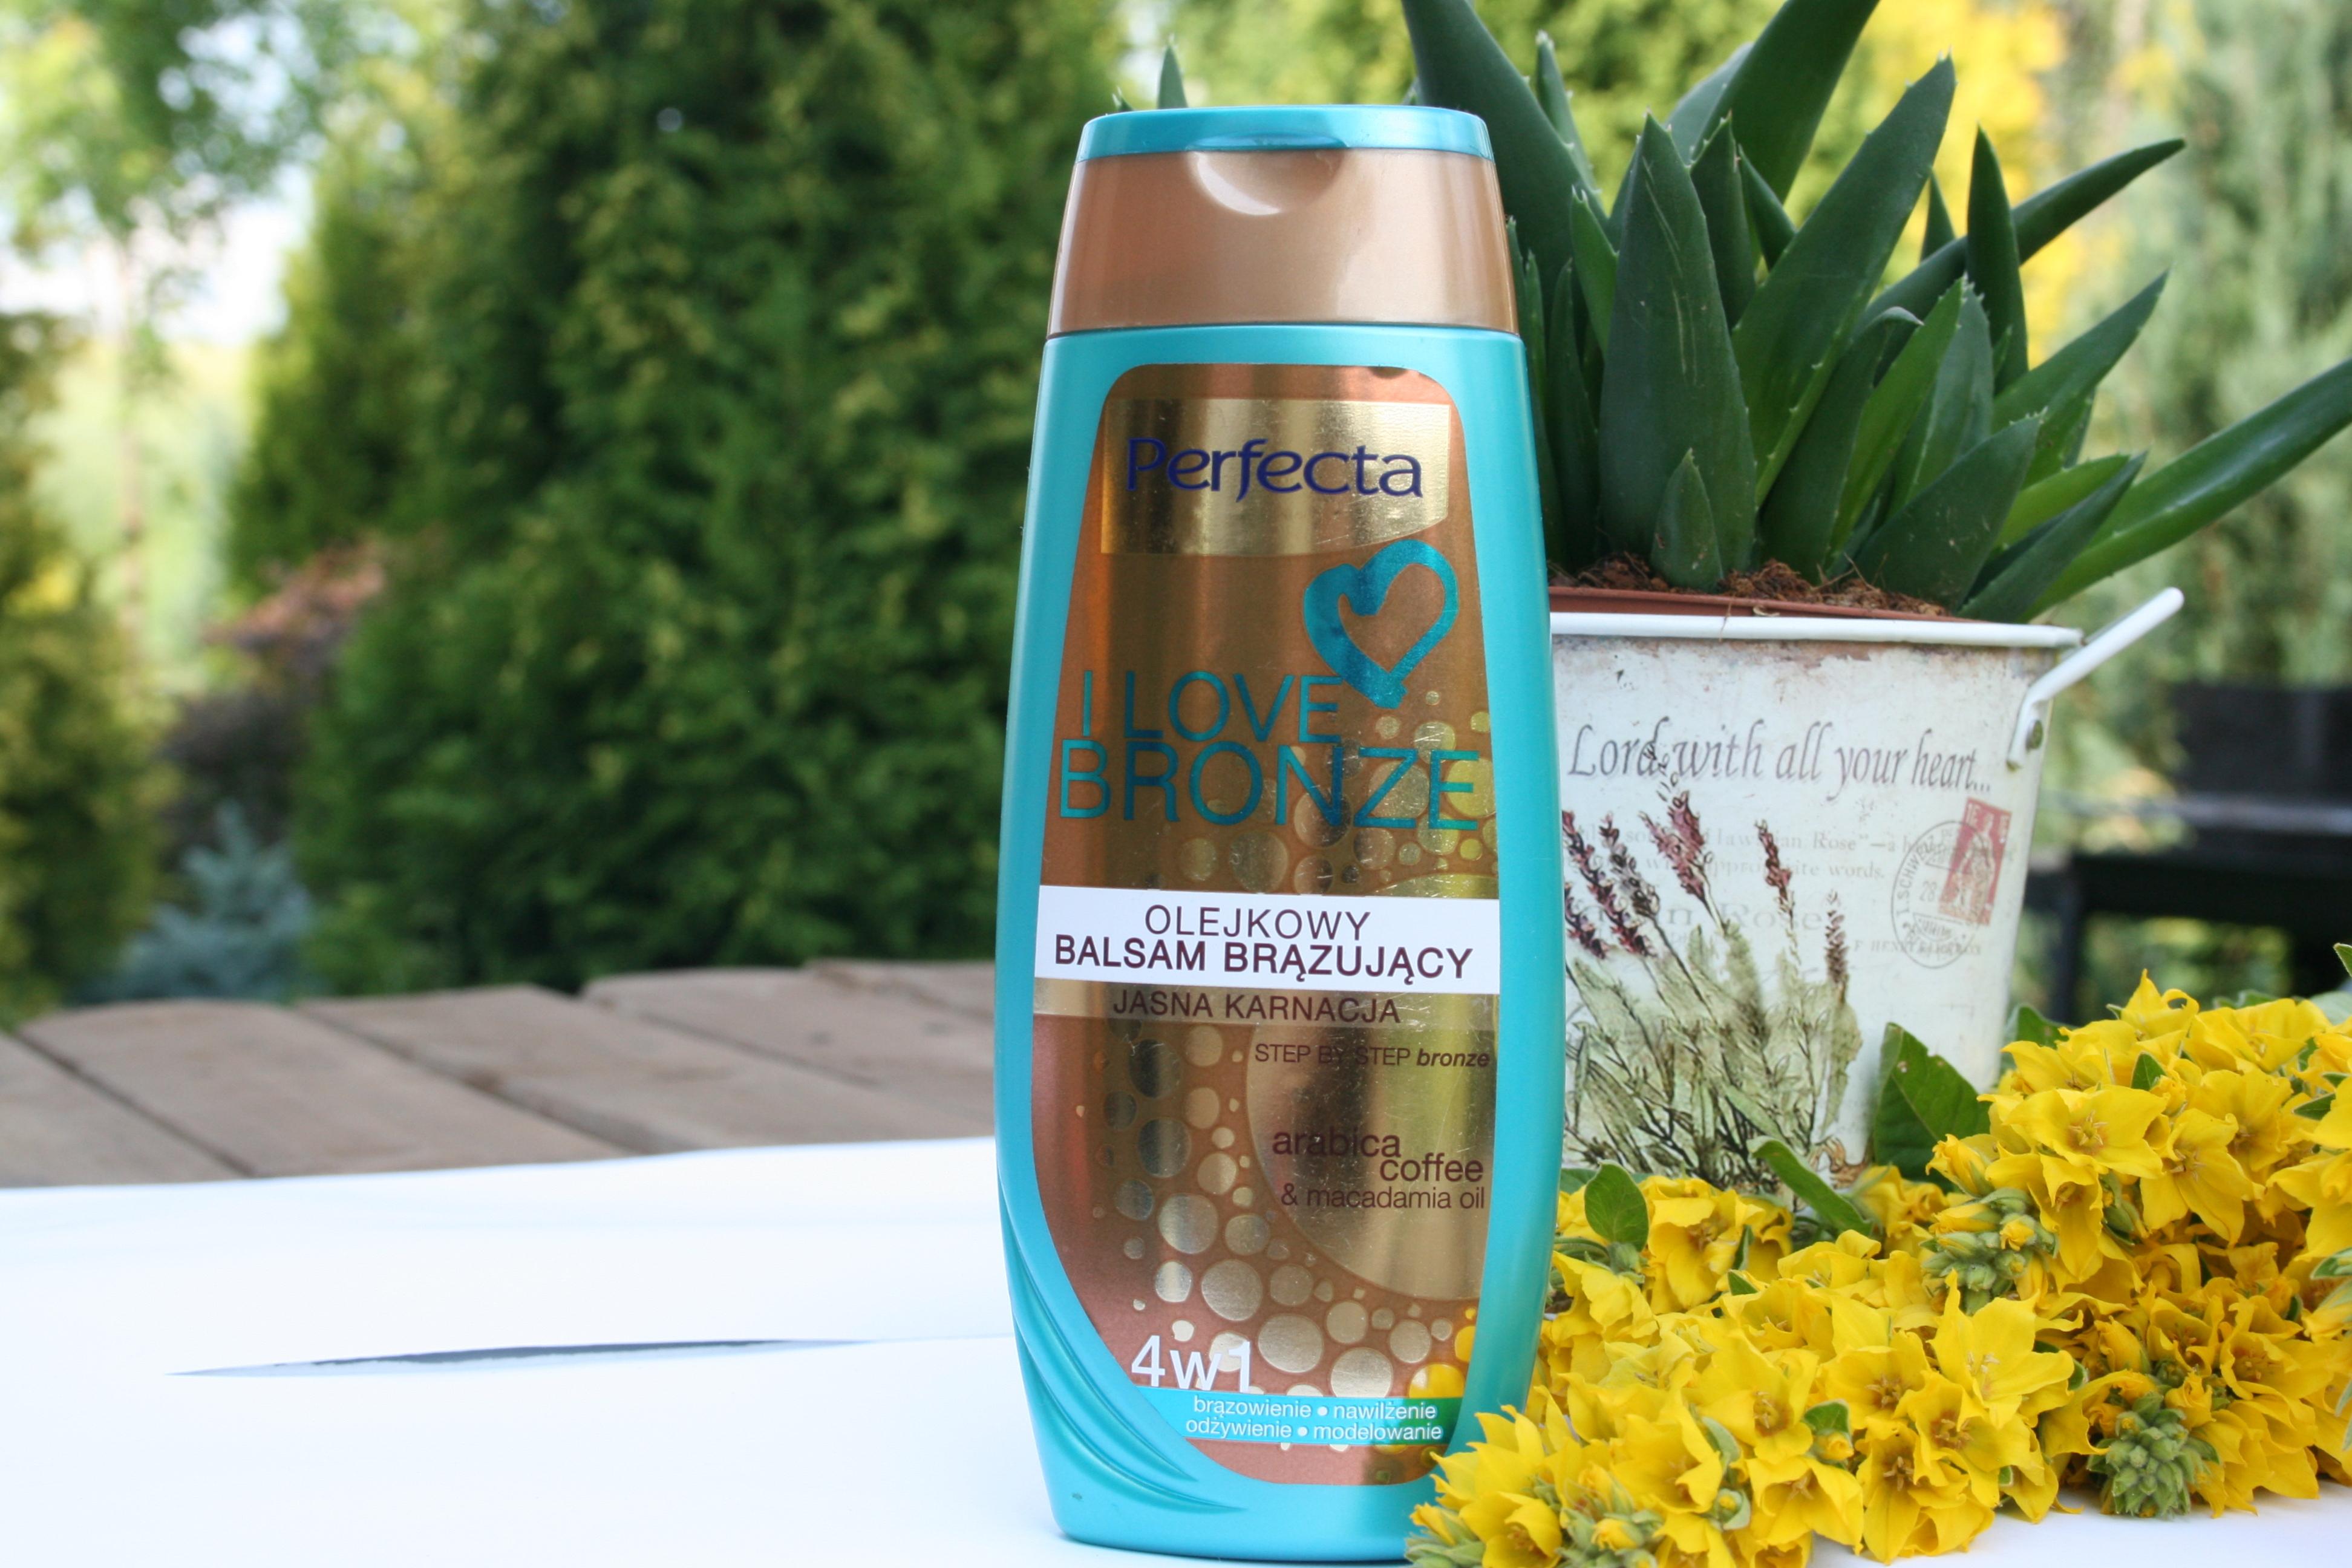 balsam brązujący słoneczne kosmetyki